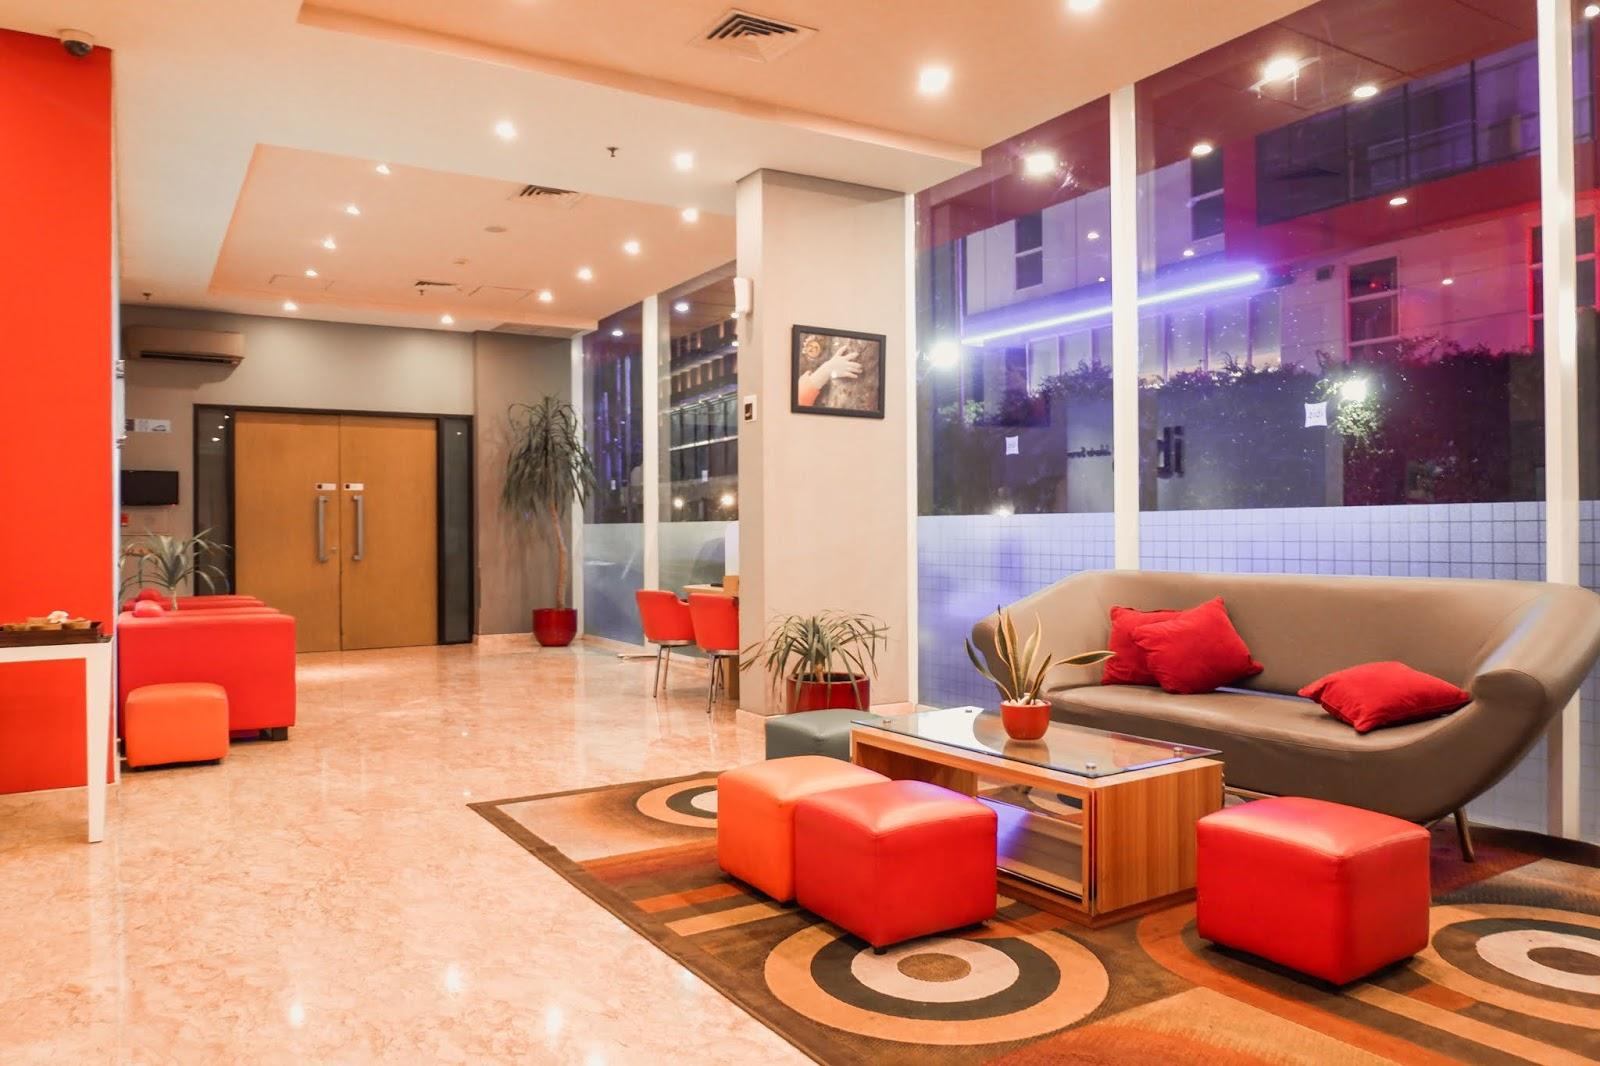 Ibis Jakarta Senen Alternatif Hotel Dekat Stasiun Pasar Senen Dear Widha